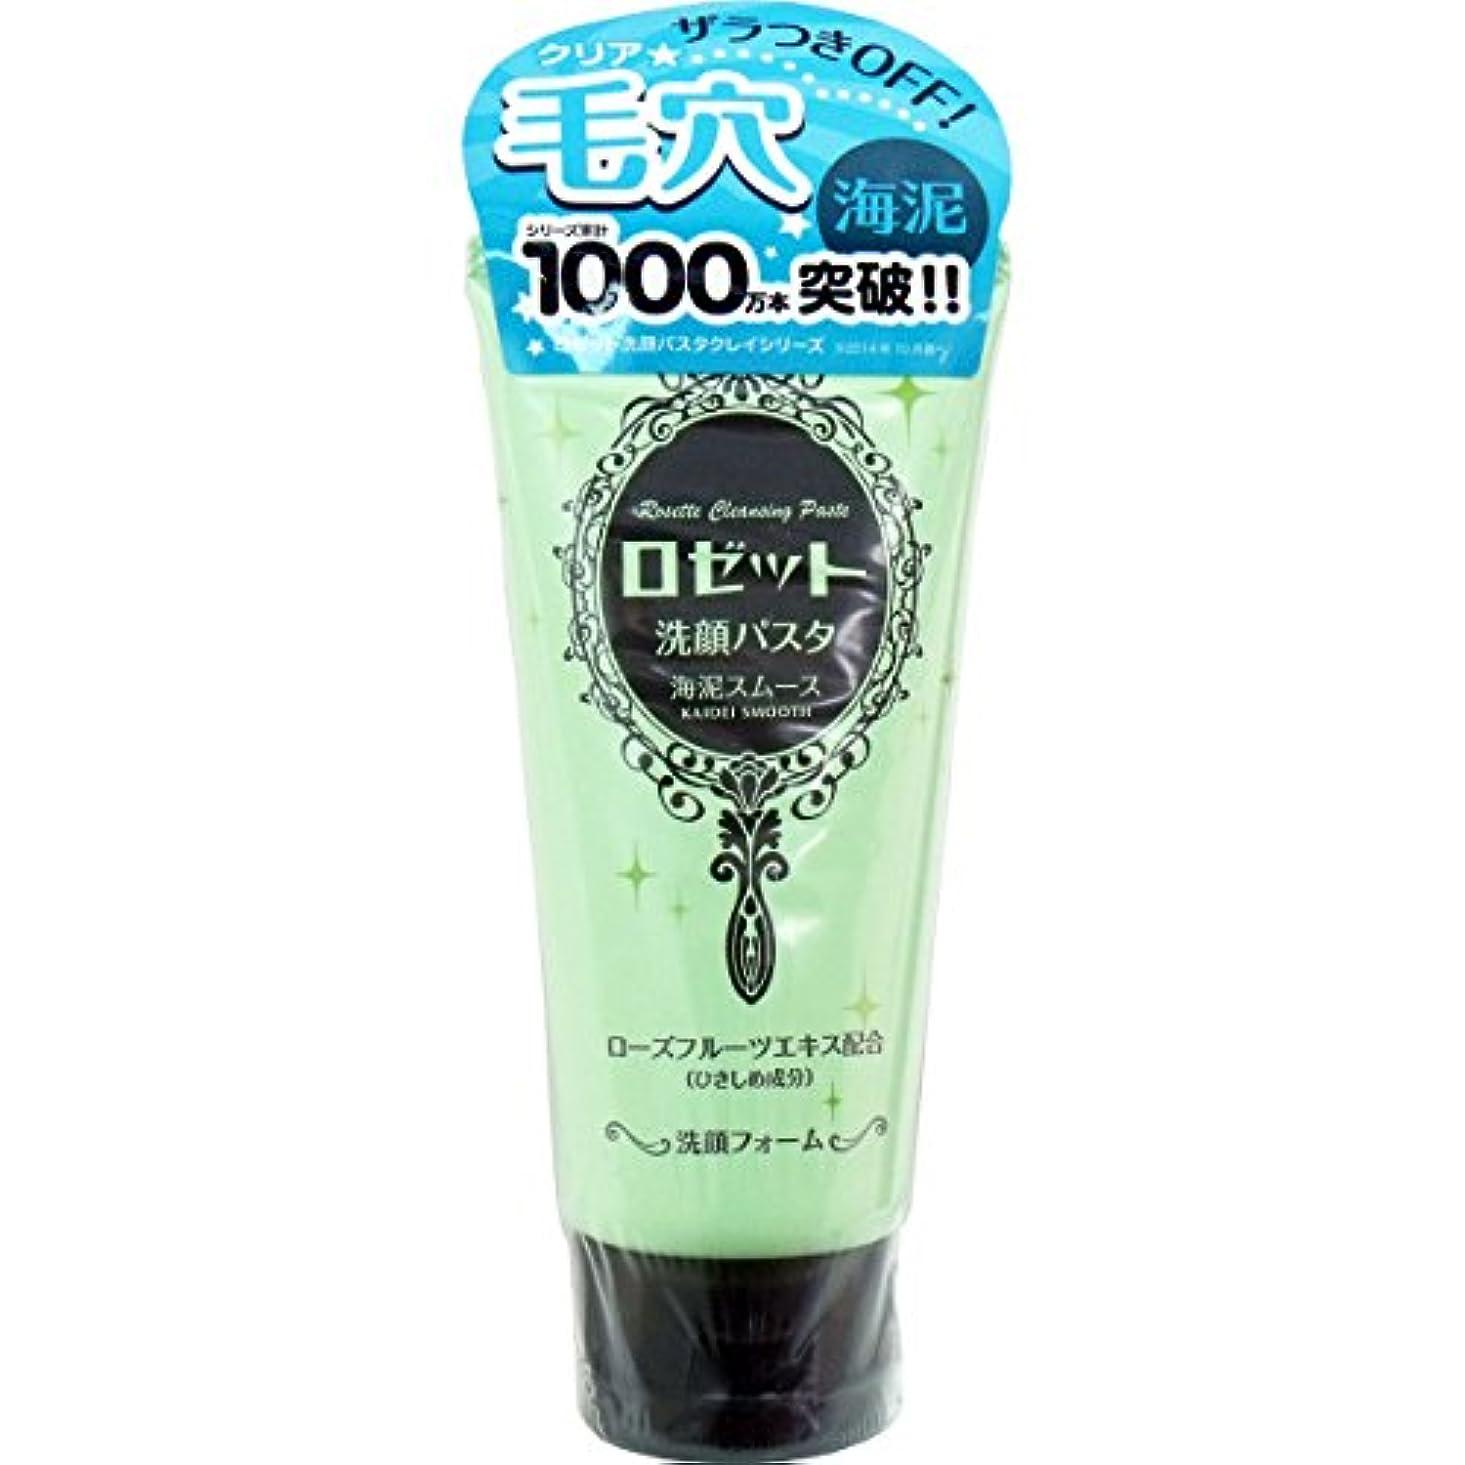 近代化確かめるジムロゼット 洗顔パスタ 海泥スムース 120g x 3本セット